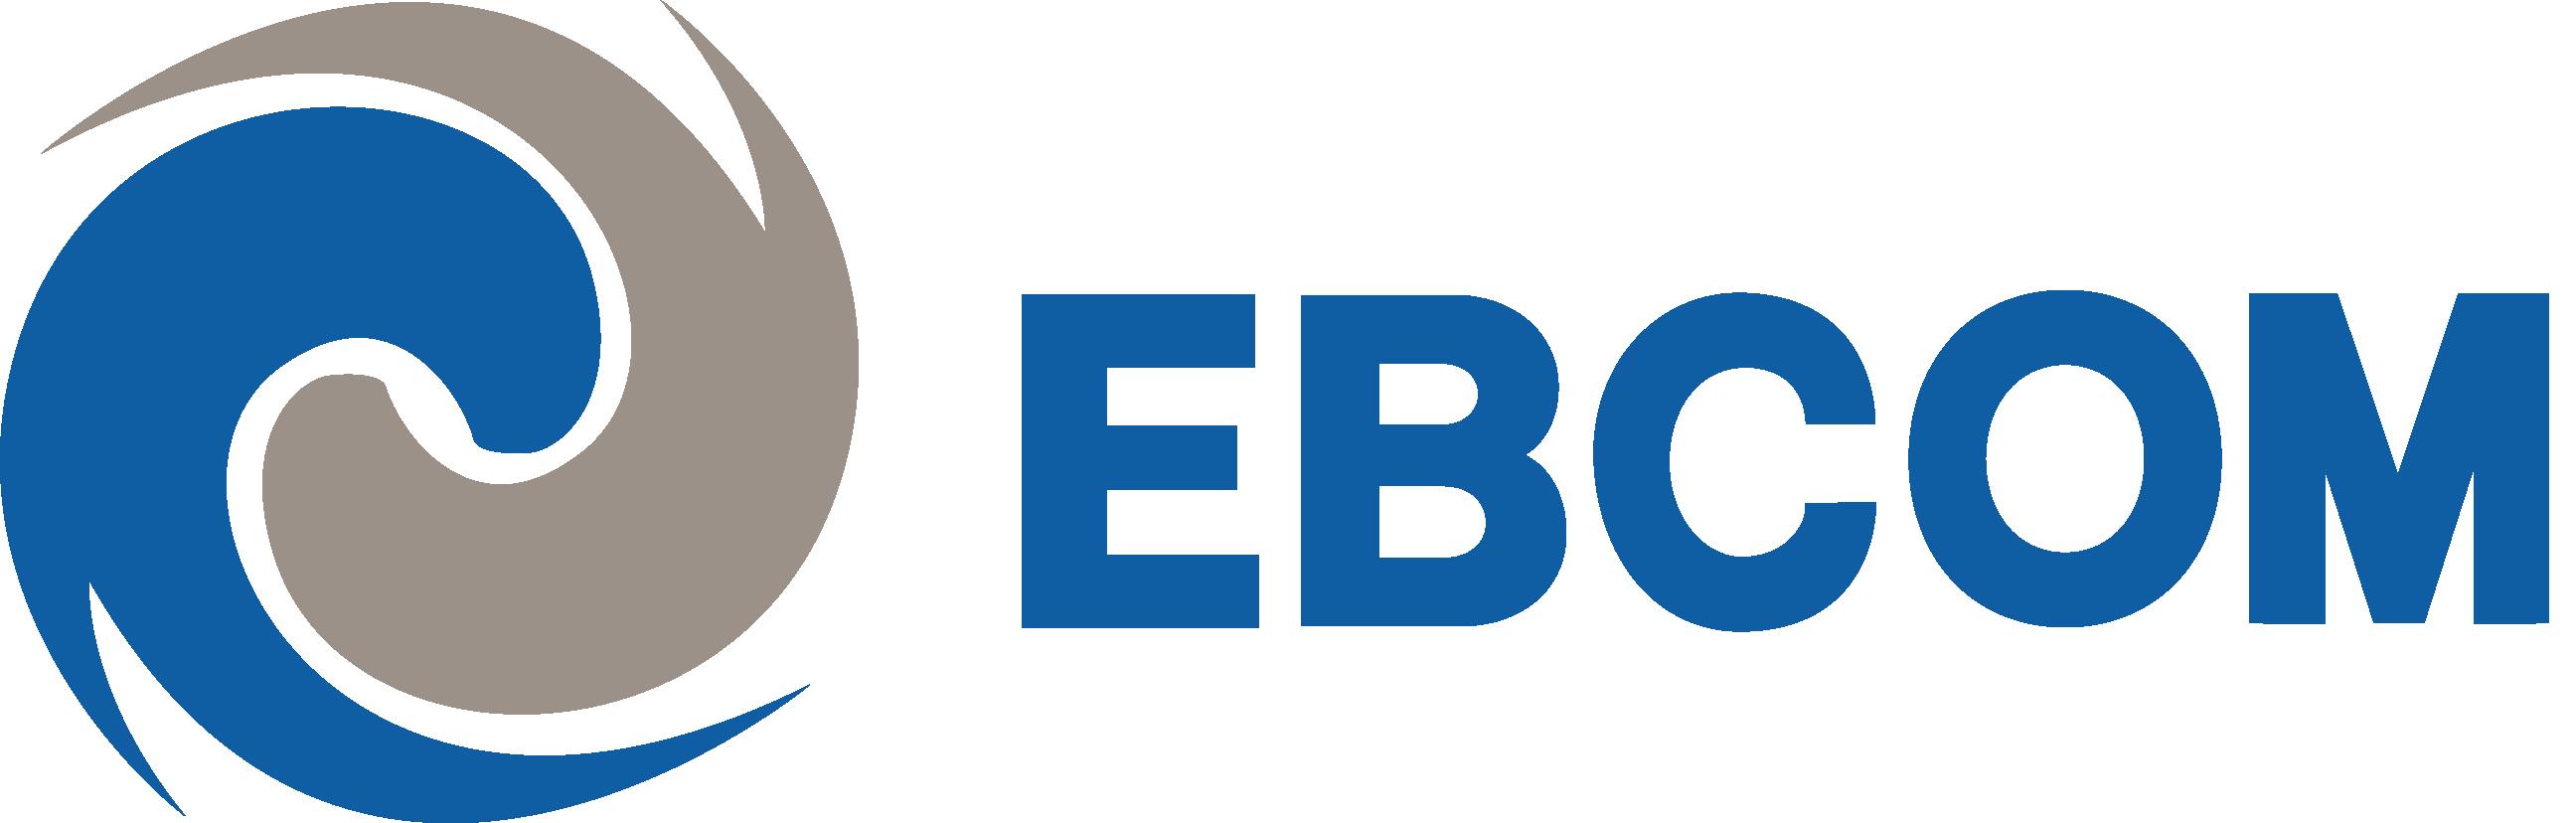 Ebcom